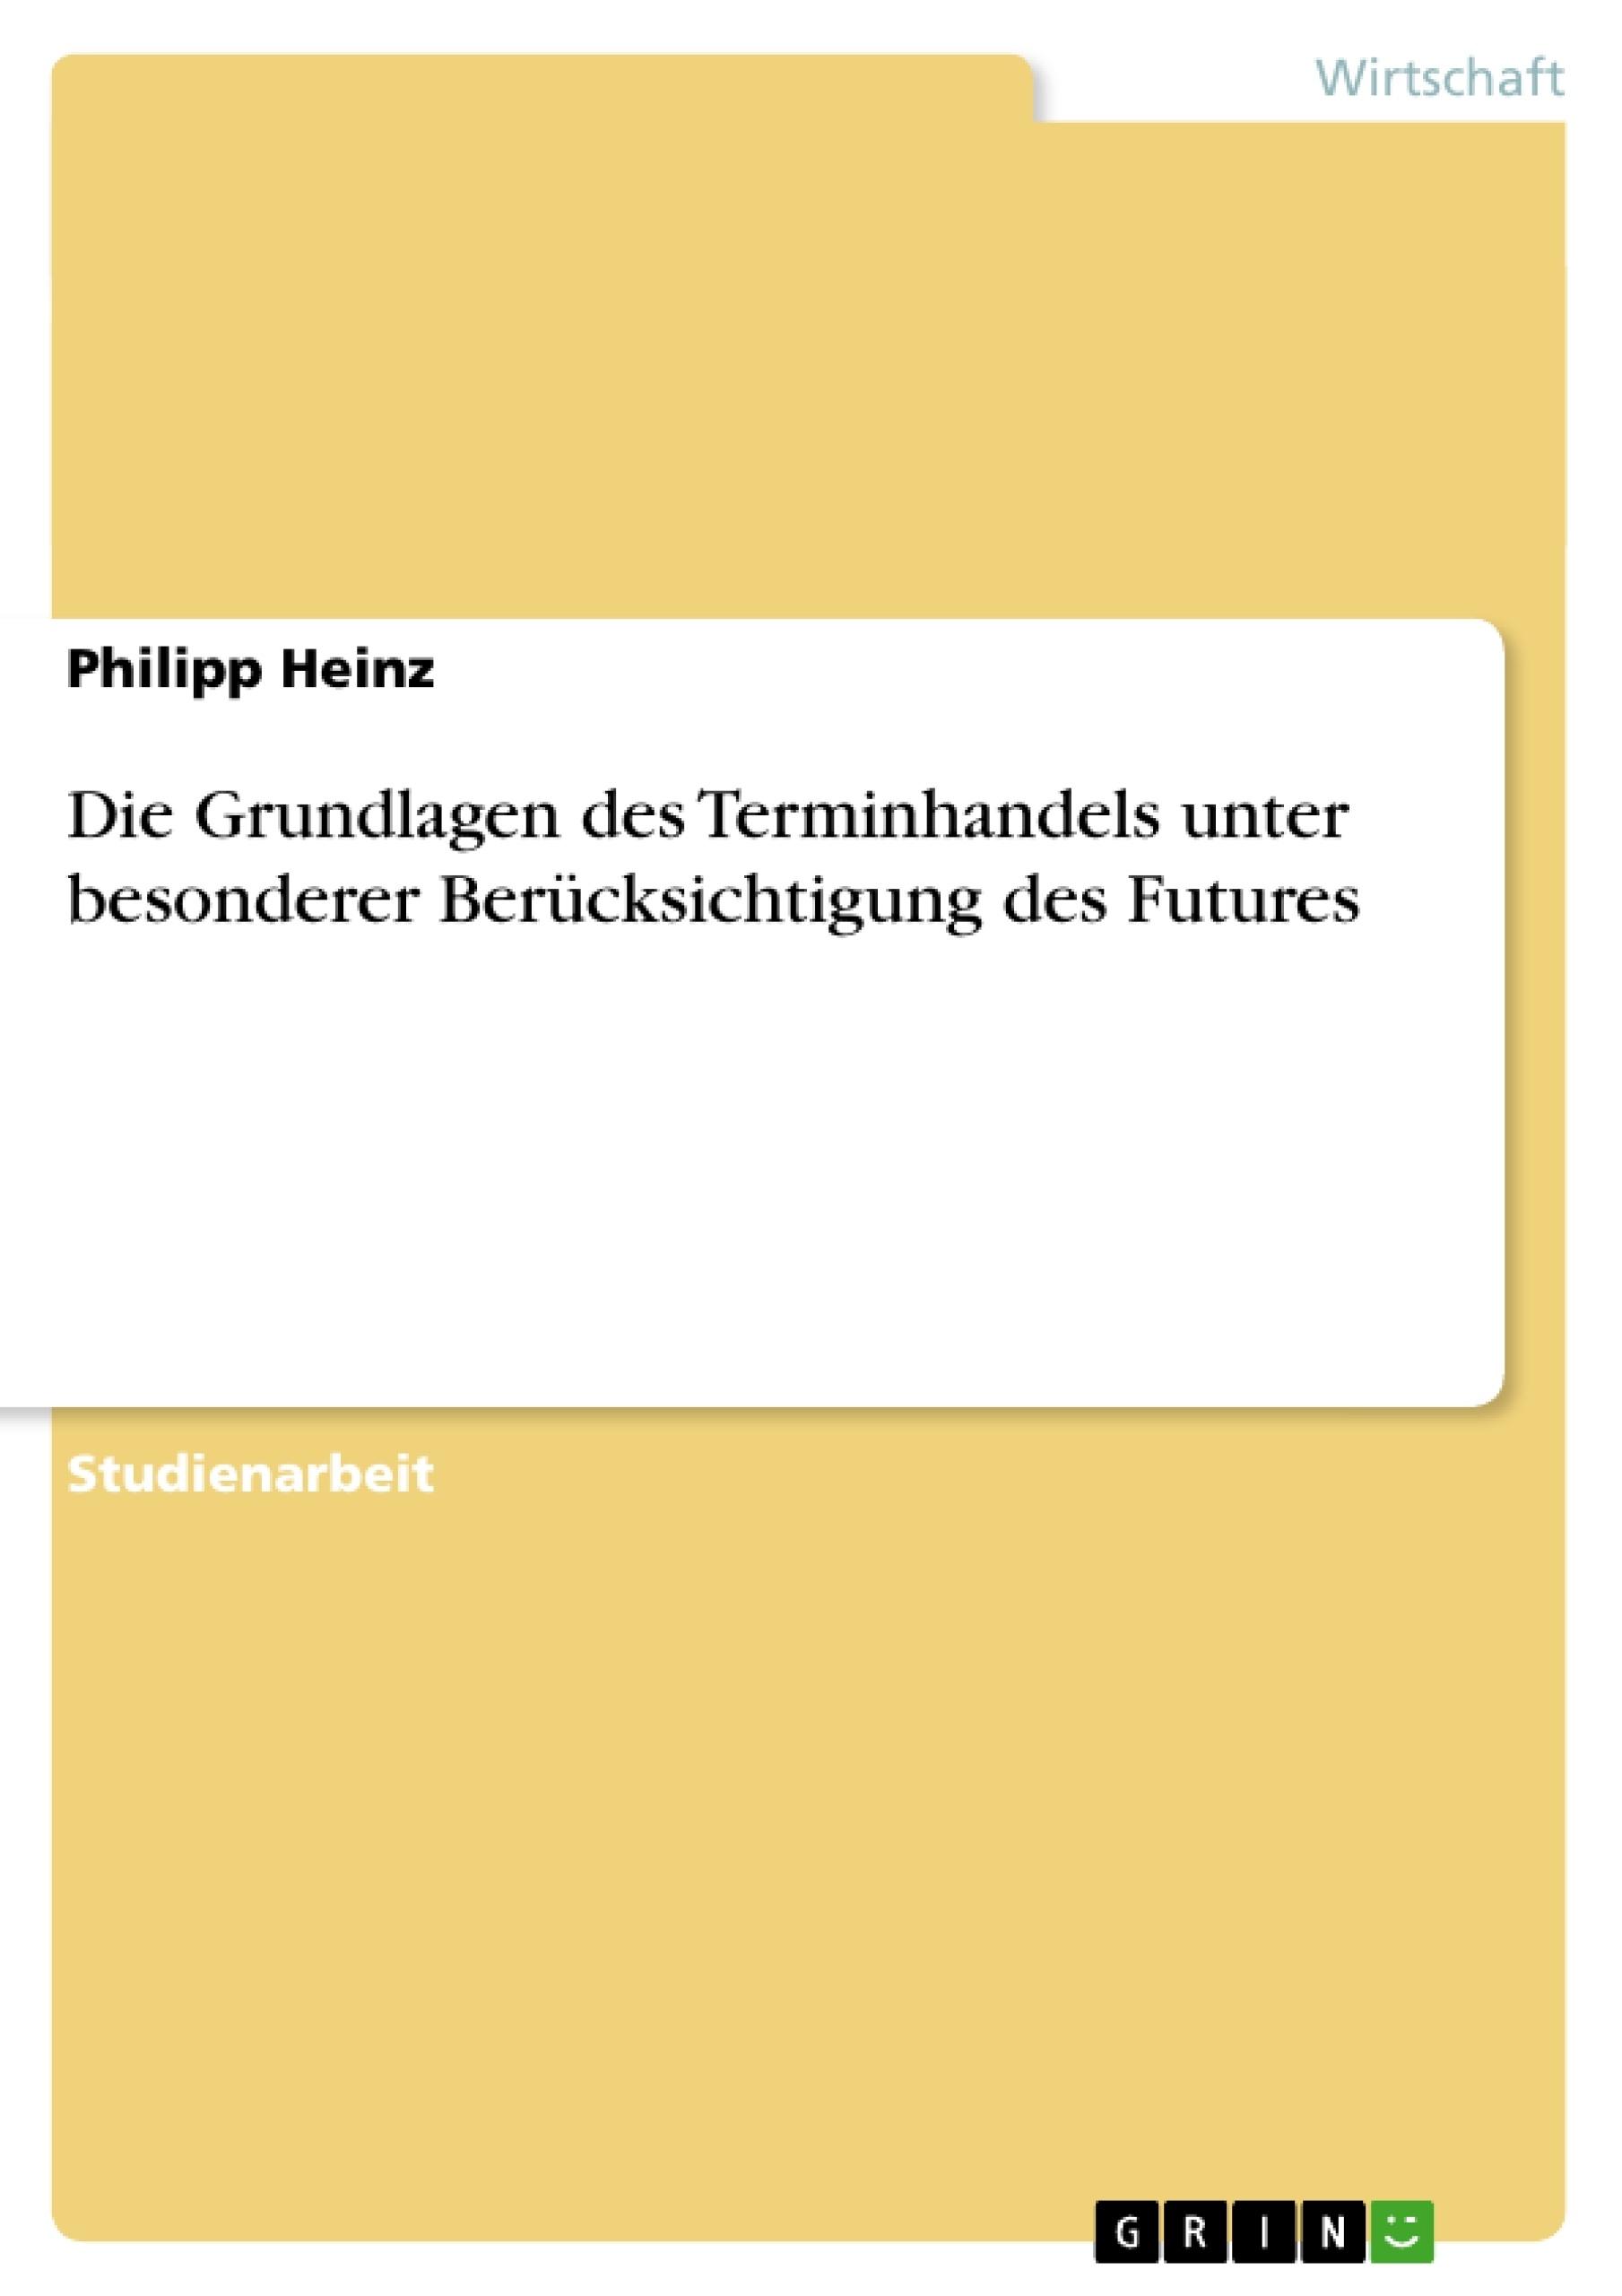 Titel: Die Grundlagen des Terminhandels unter besonderer Berücksichtigung des Futures